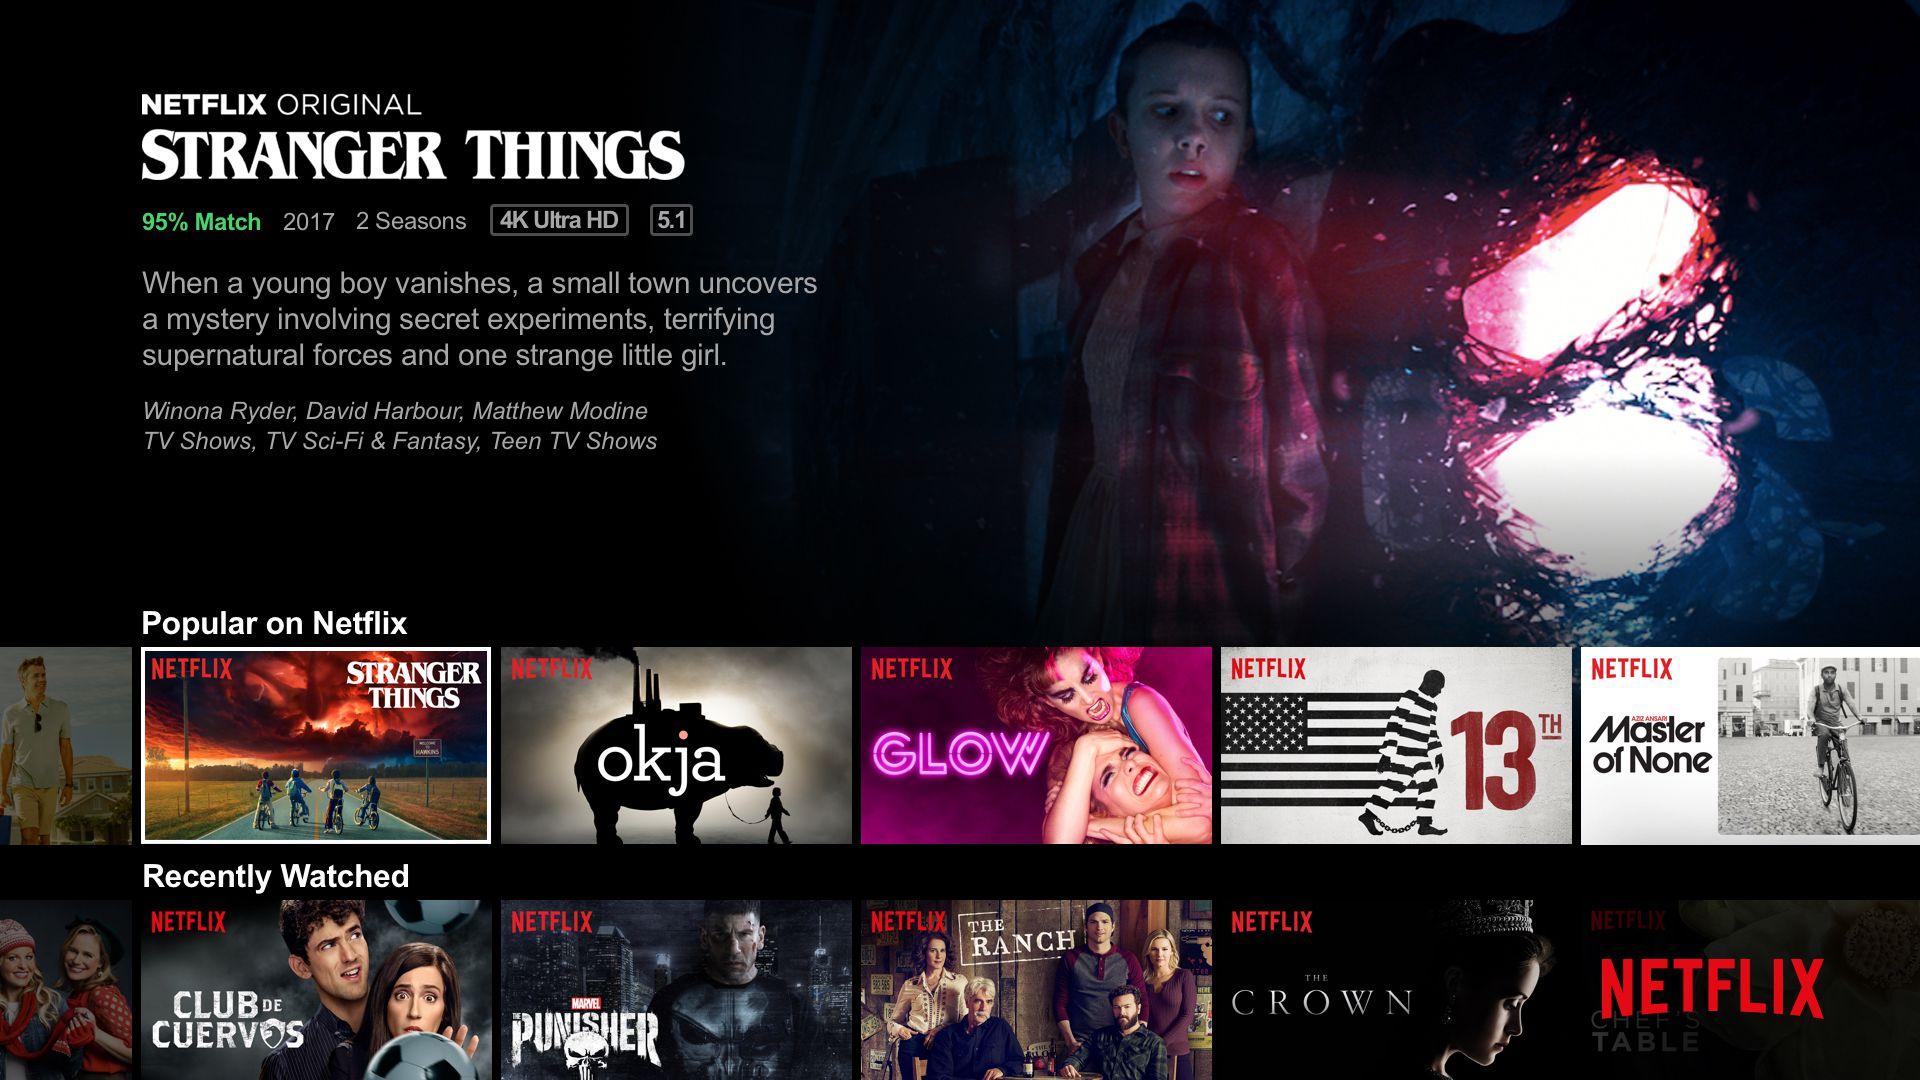 Netflix aansluiting Dating meerdere jongens op hetzelfde moment